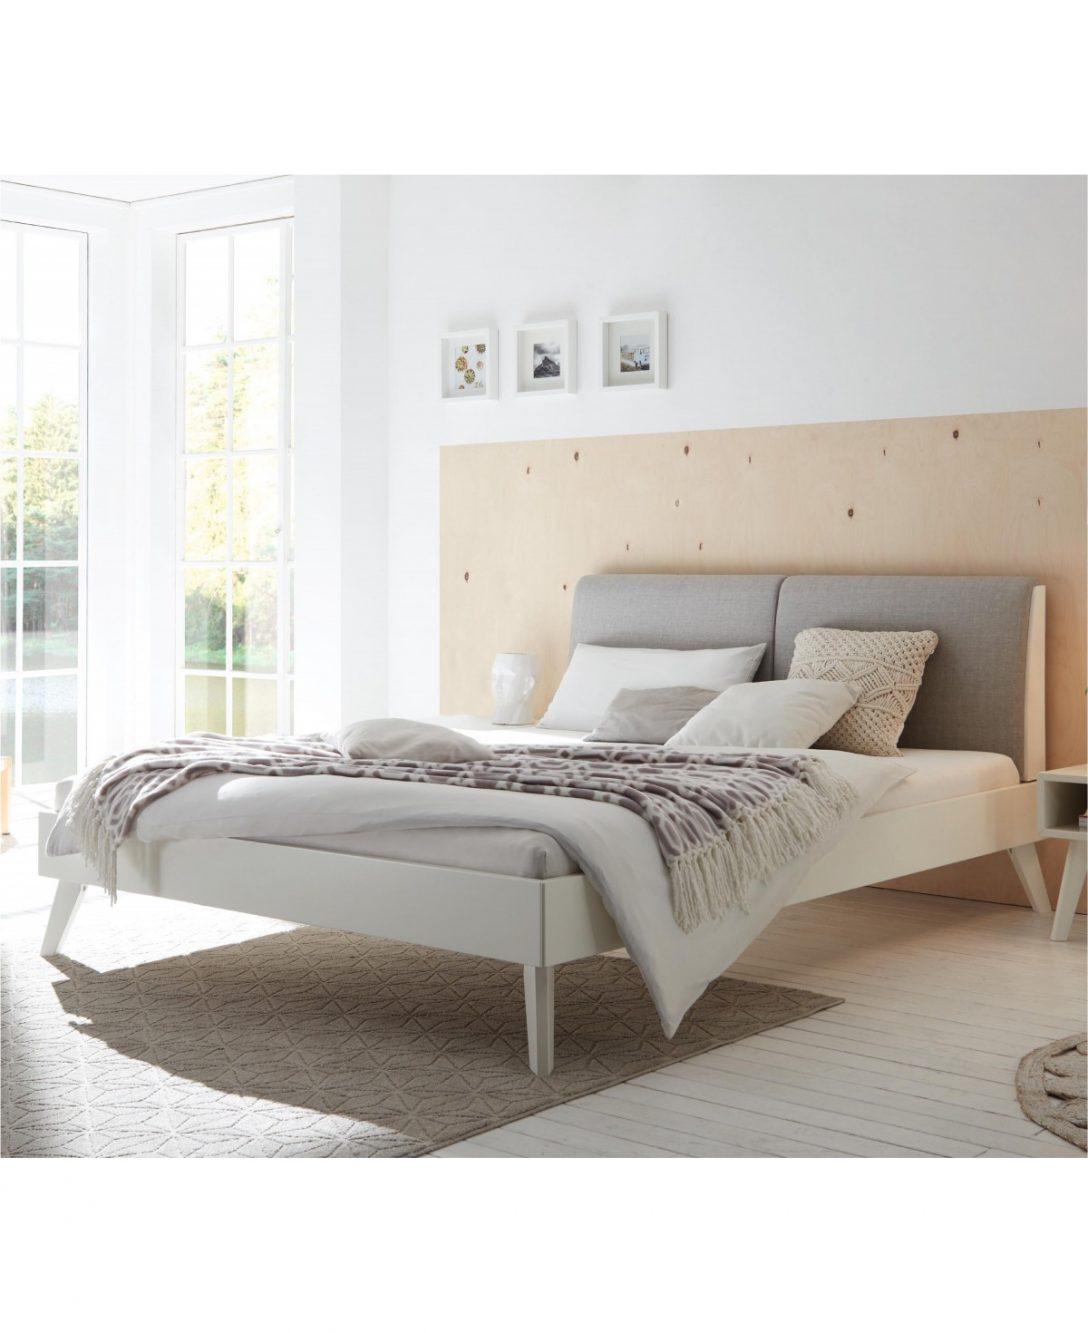 Large Size of 160x200 Bett Hasena Simone 20 Buche Wei Deckend Polsterkopfteil Grau Betten Für Teenager Ikea Weiss Kinder Meise Luxus Kaufen 140x200 Günstig 180x200 Bett 160x200 Bett